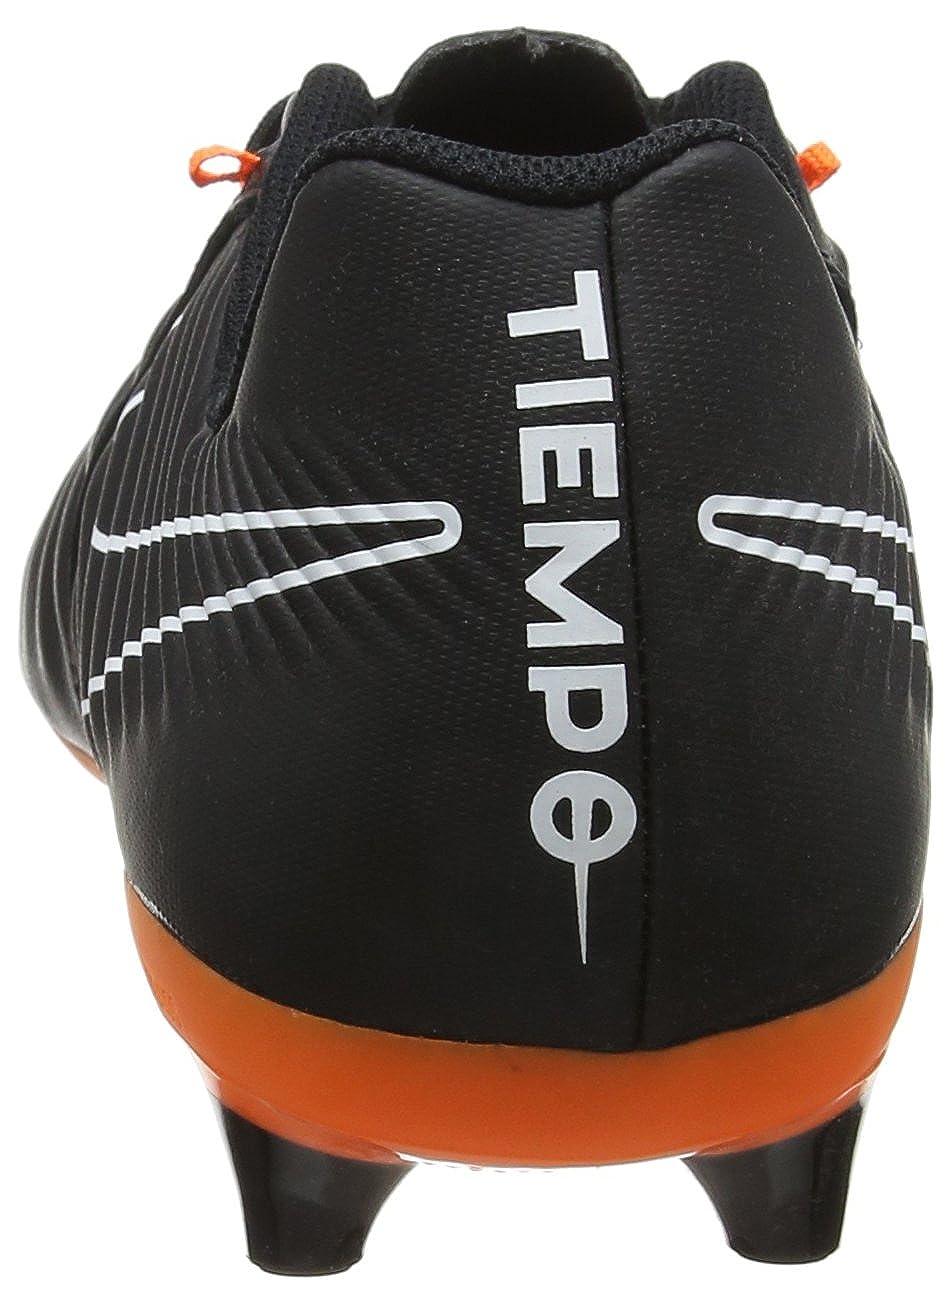 timeless design c83de de06c Nike Legend 7 Academy FG, Chaussures de Football Homme  Amazon.fr   Chaussures et Sacs